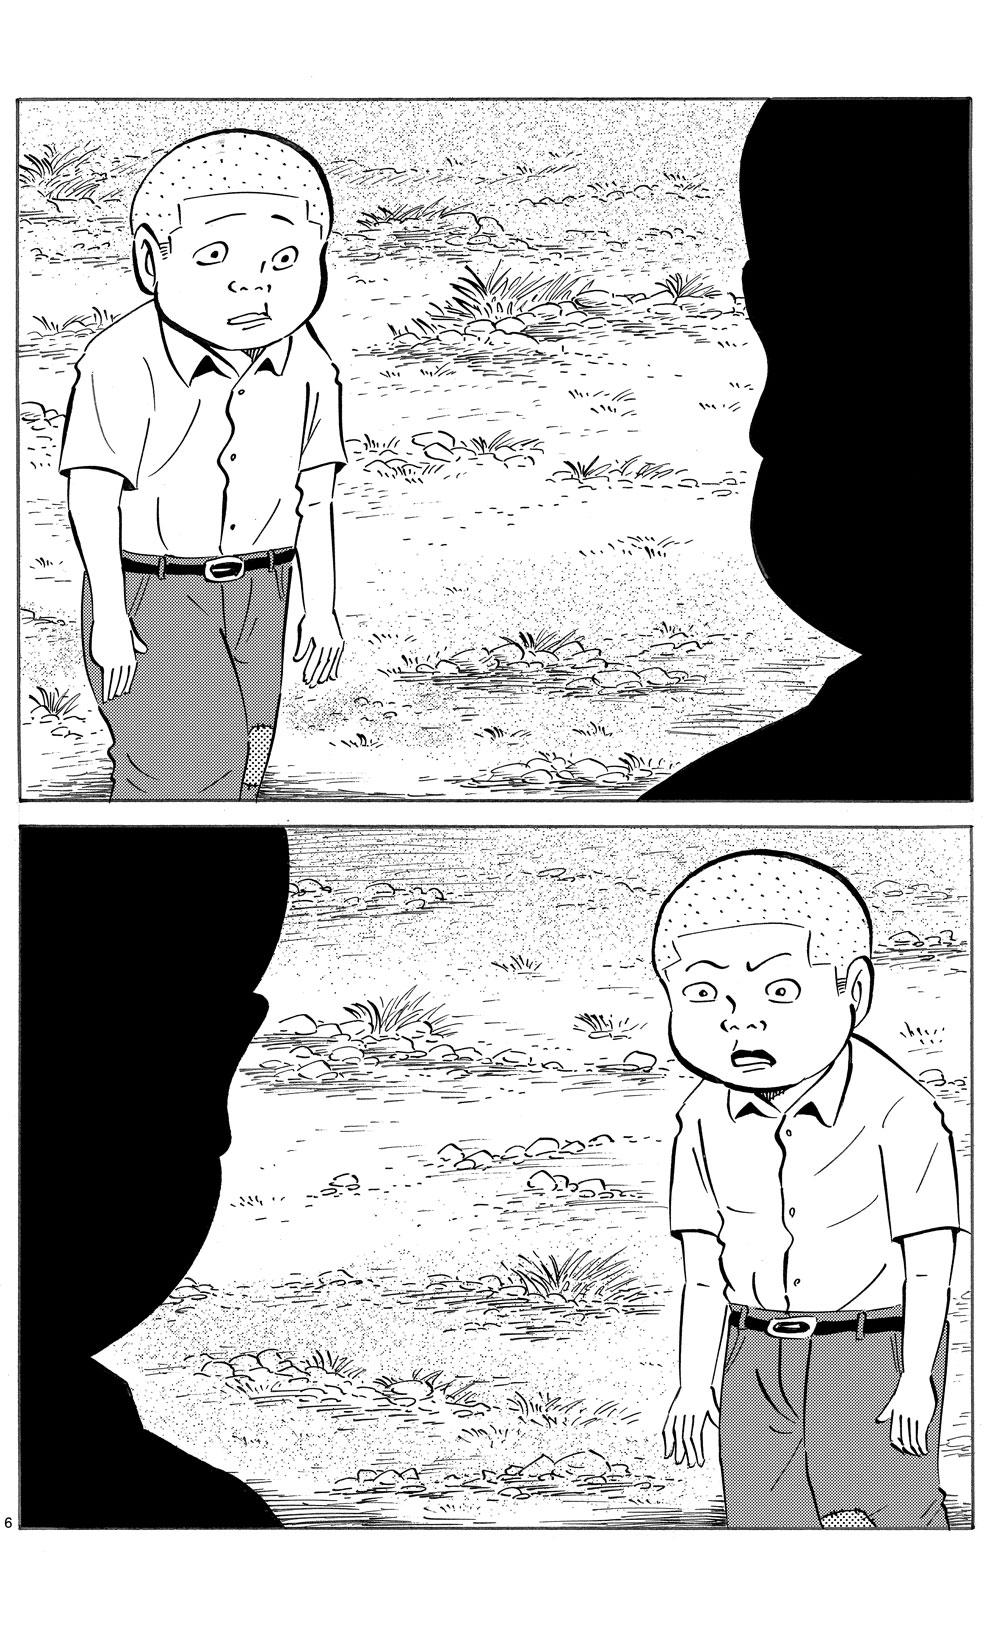 琉球怪談 【第3話】WEB掲載6ページ目画像